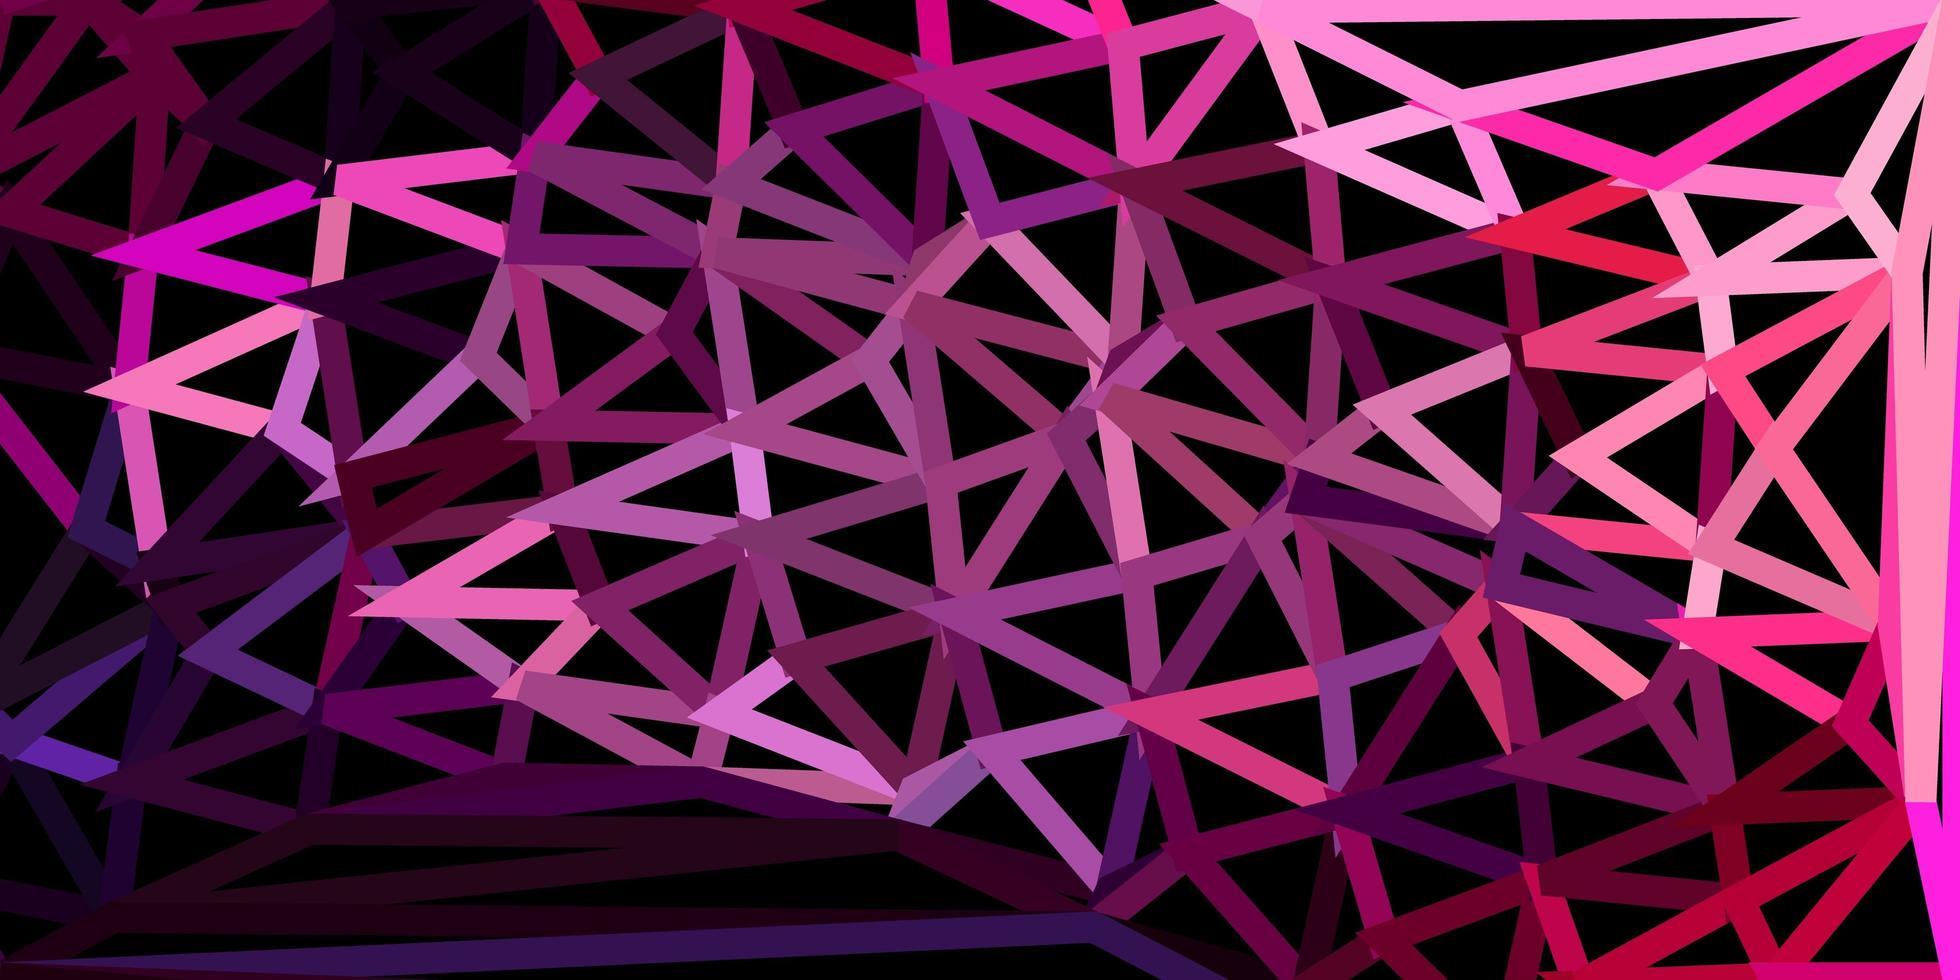 textura de triángulo de poli vector púrpura oscuro, rosa.